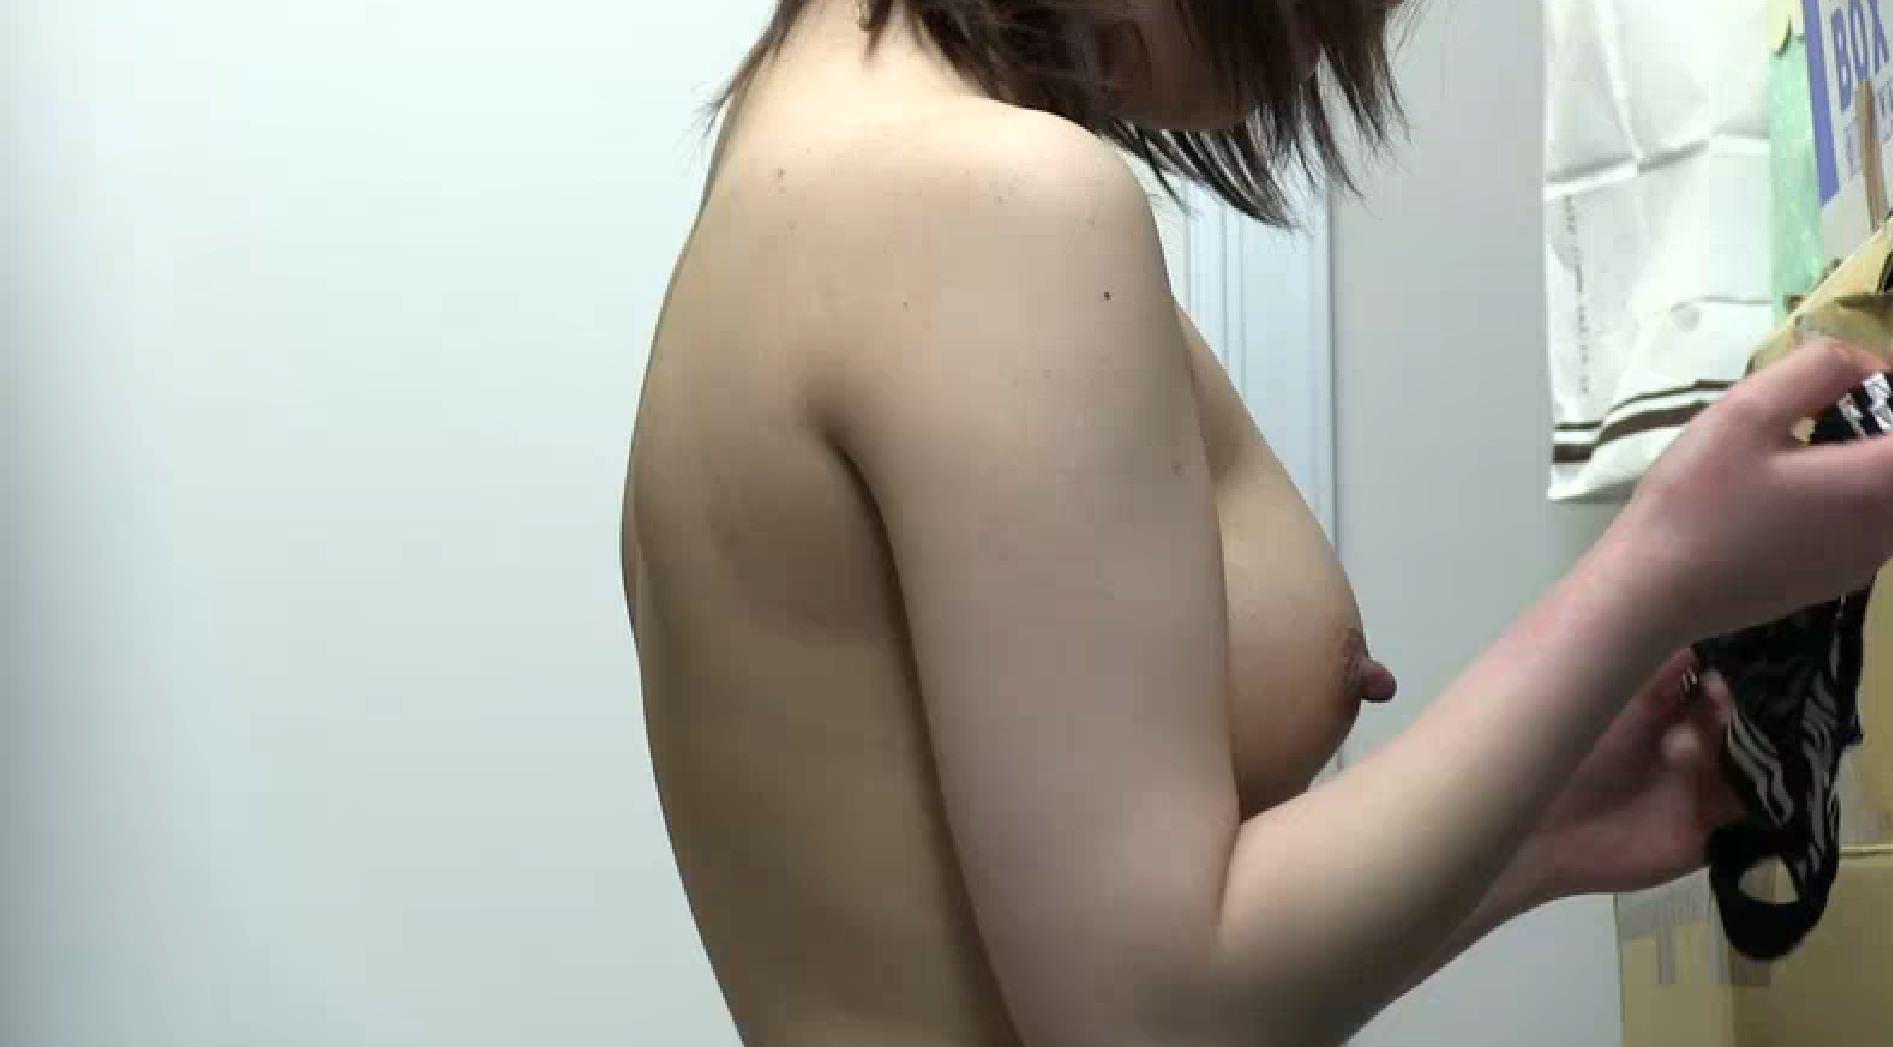 女子更衣室でお着替えするOLを隠し撮りしたエロ画像 0707